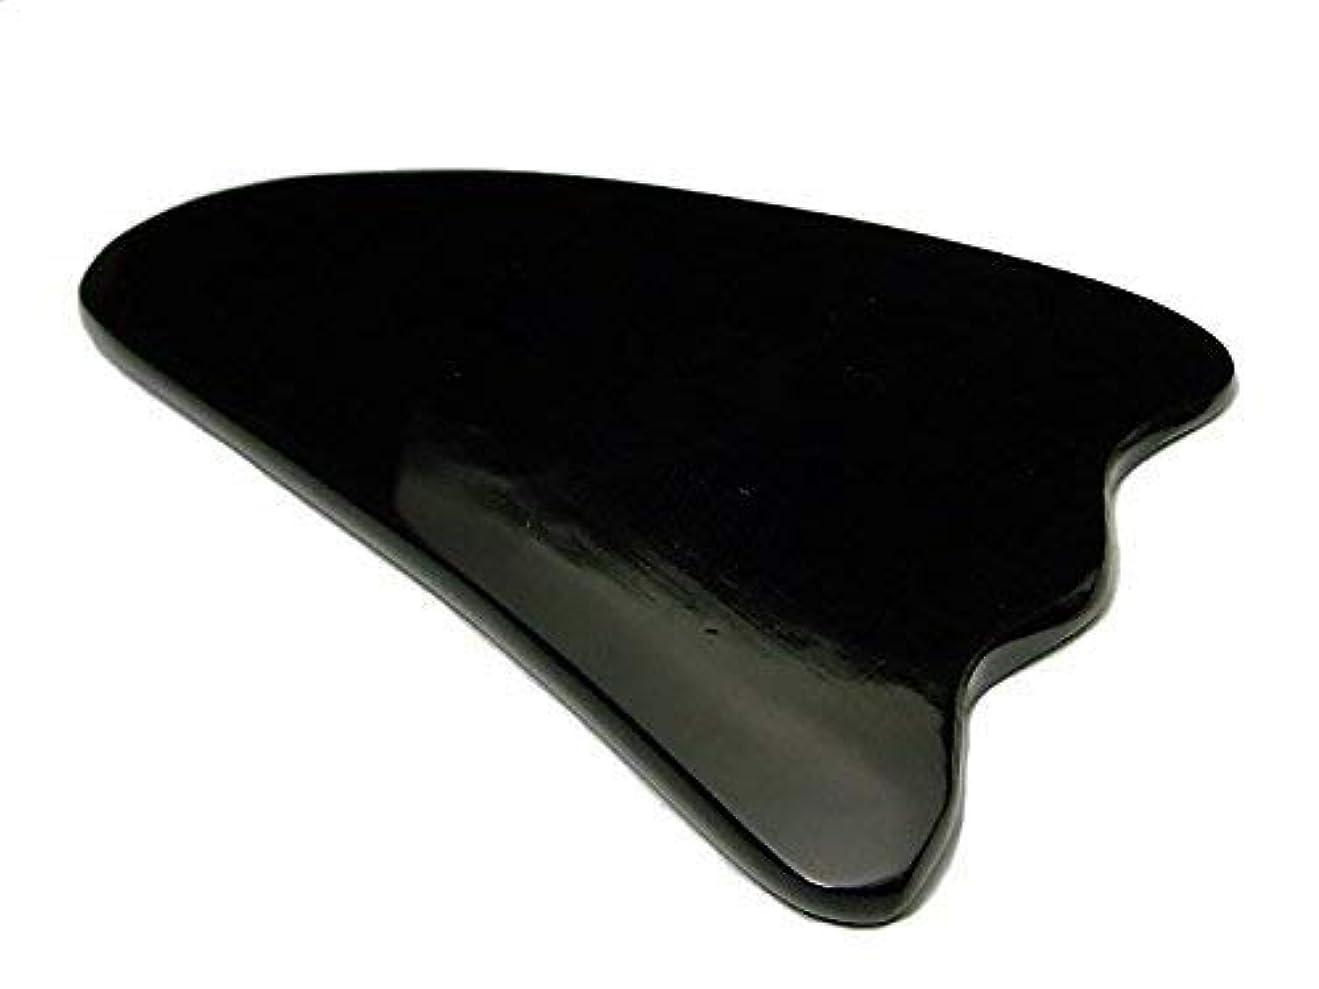 つぶやきコカイン忌避剤かっさプレート k3-5C 水牛の角(黒水牛角) 羽 ポーチ付き 美肌 美顔 美容 マッサージ用 天然石 パワーストーン